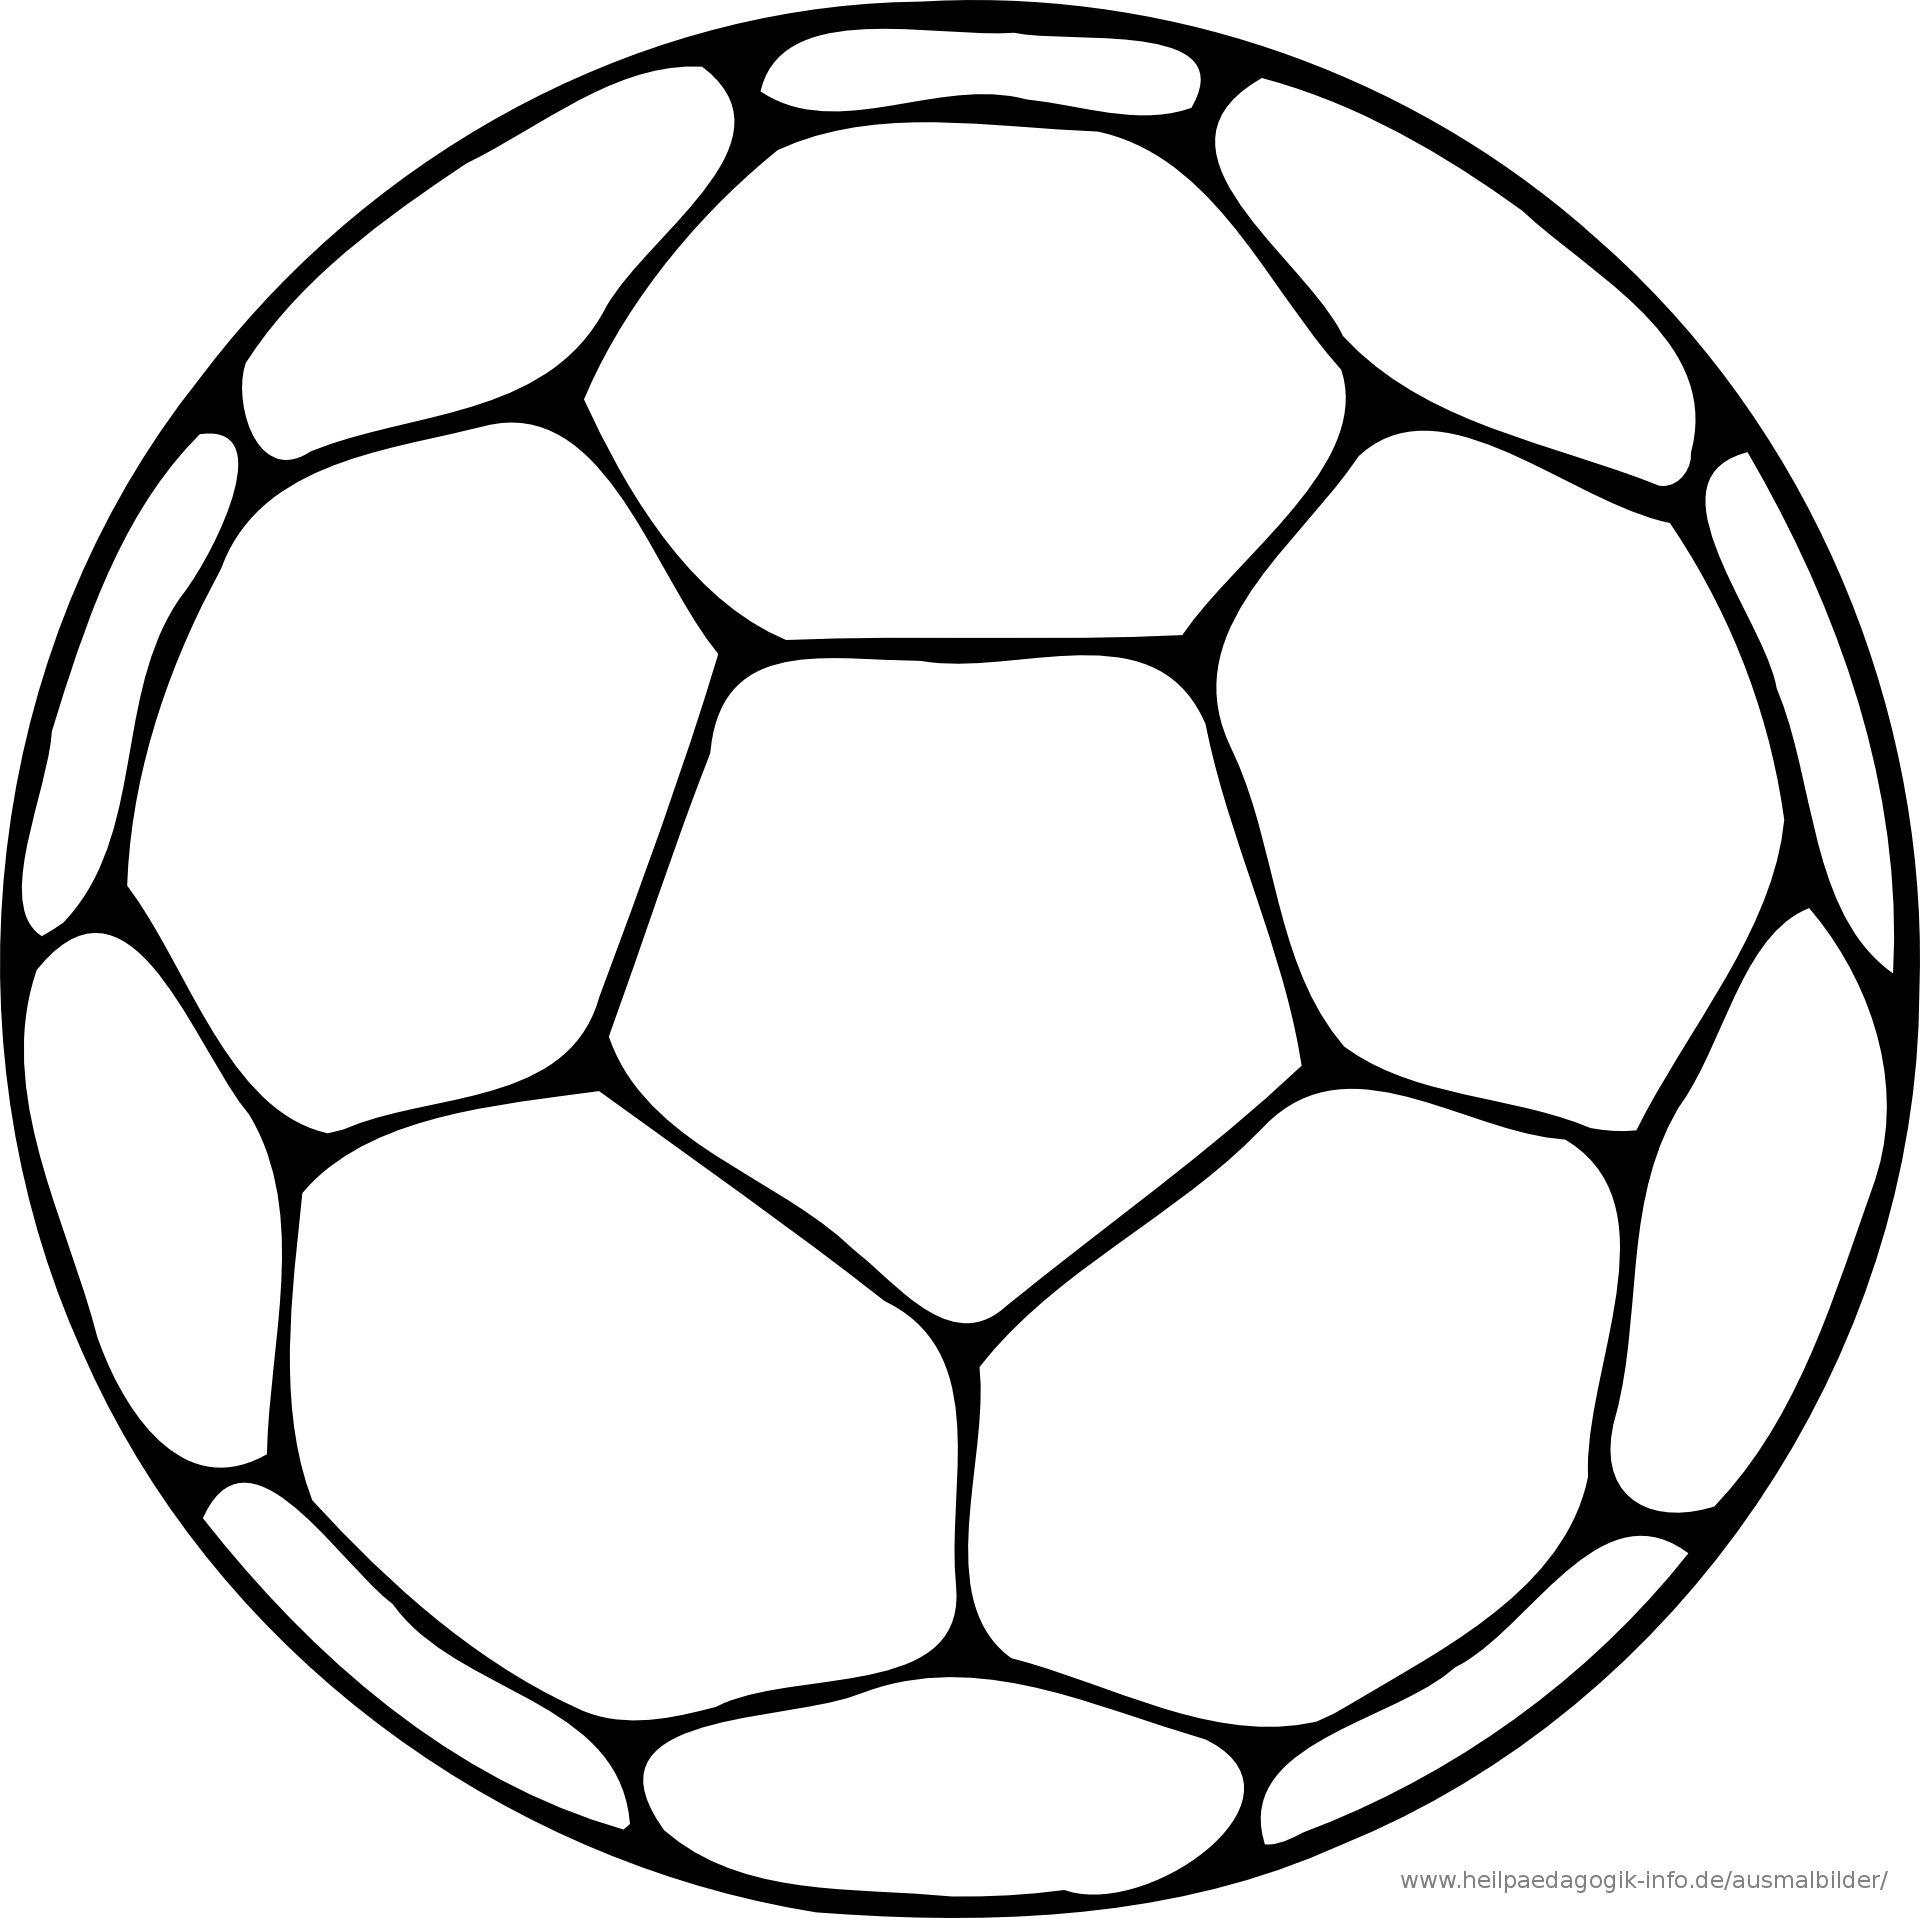 Fussball Malvorlagen Ausdrucken Warna